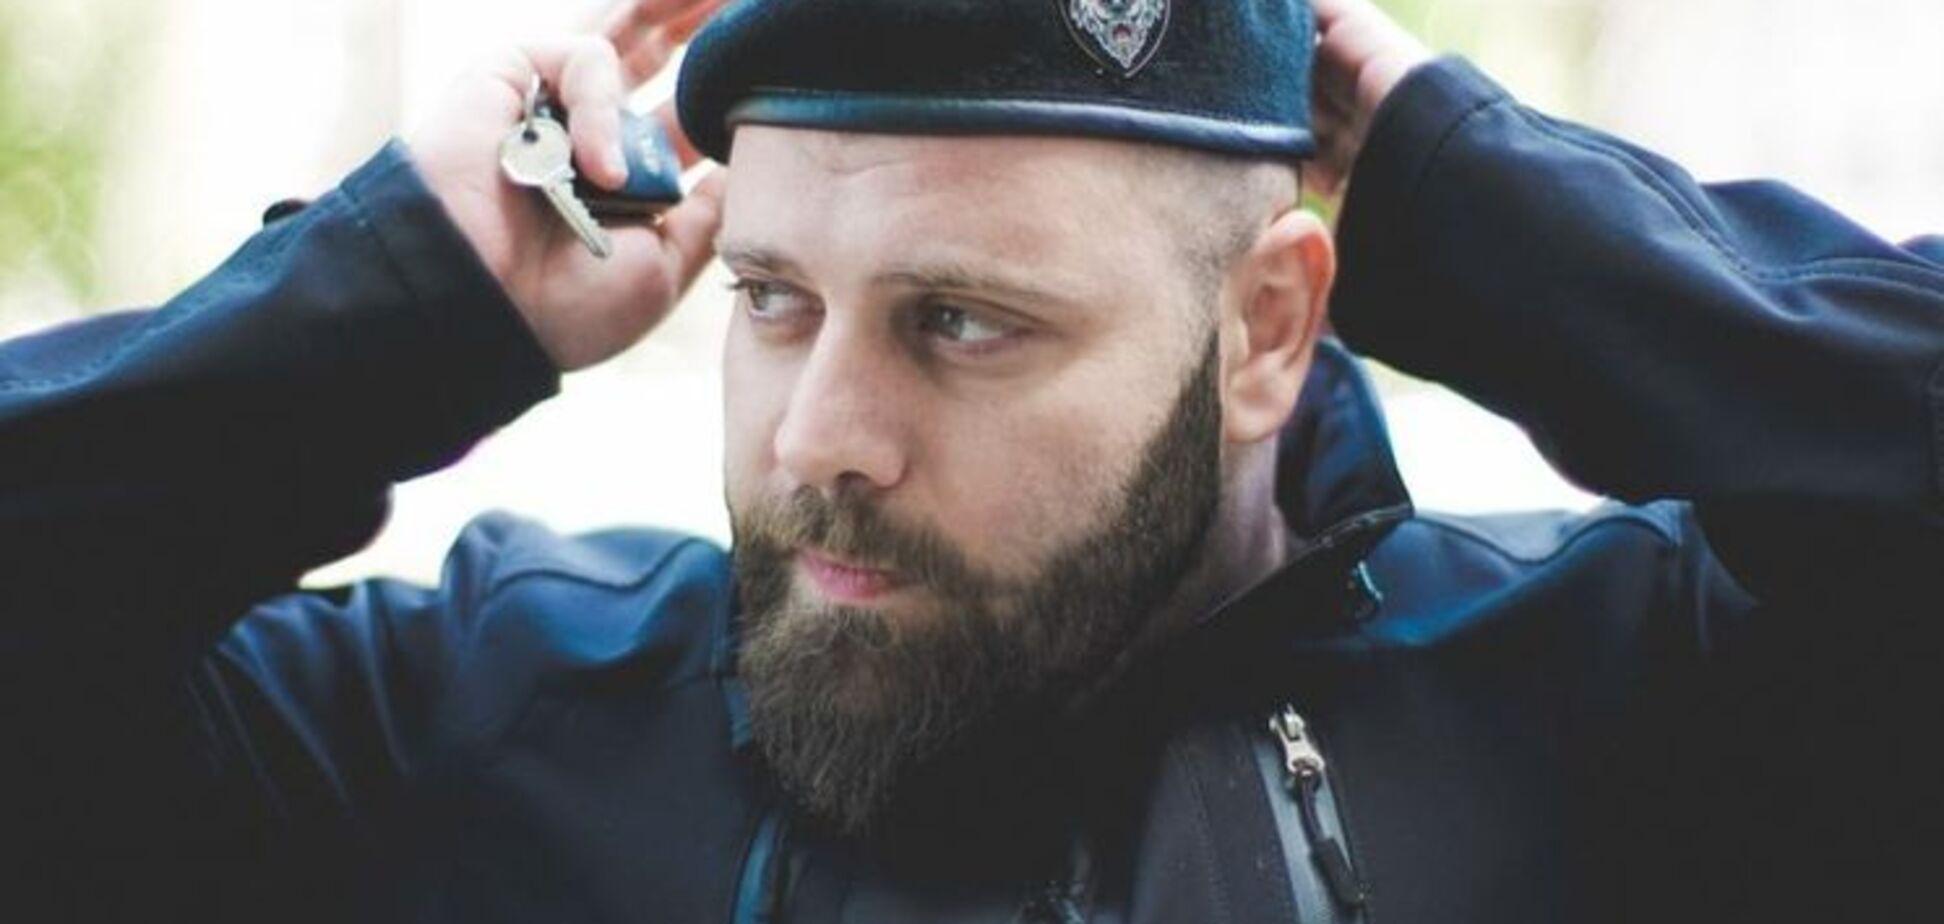 Курировал снайперов на Майдане? Известный АТОшник ответил на громкие обвинения